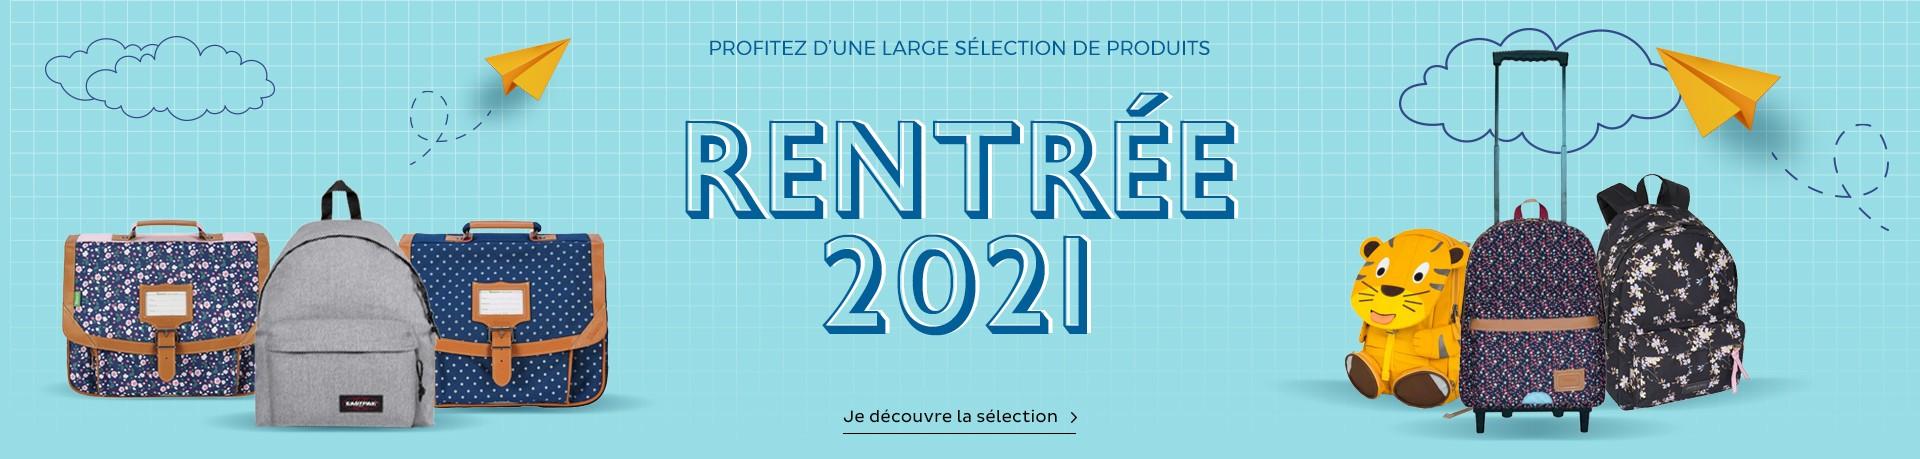 Découvrez la sélection rentrée 2021